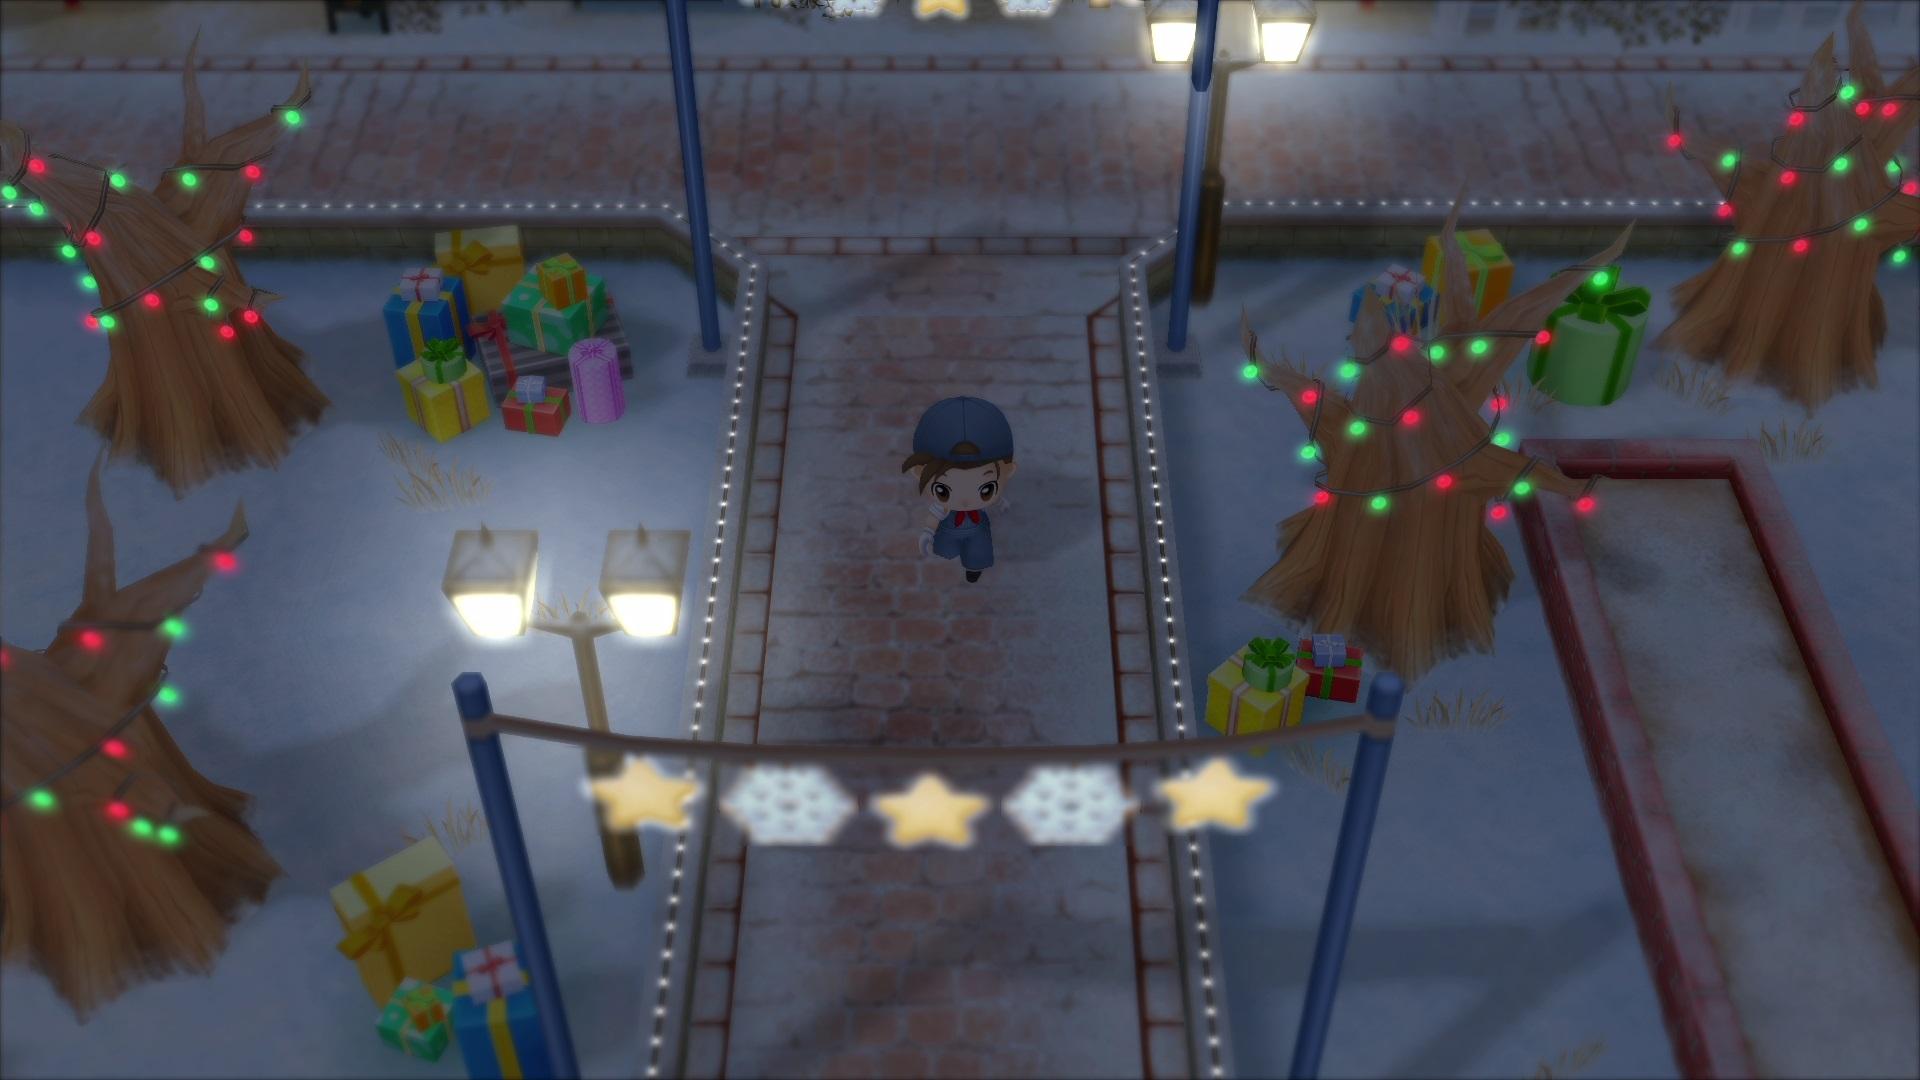 《牧场物语重聚矿石镇》免费更新:感受圣诞气氛!